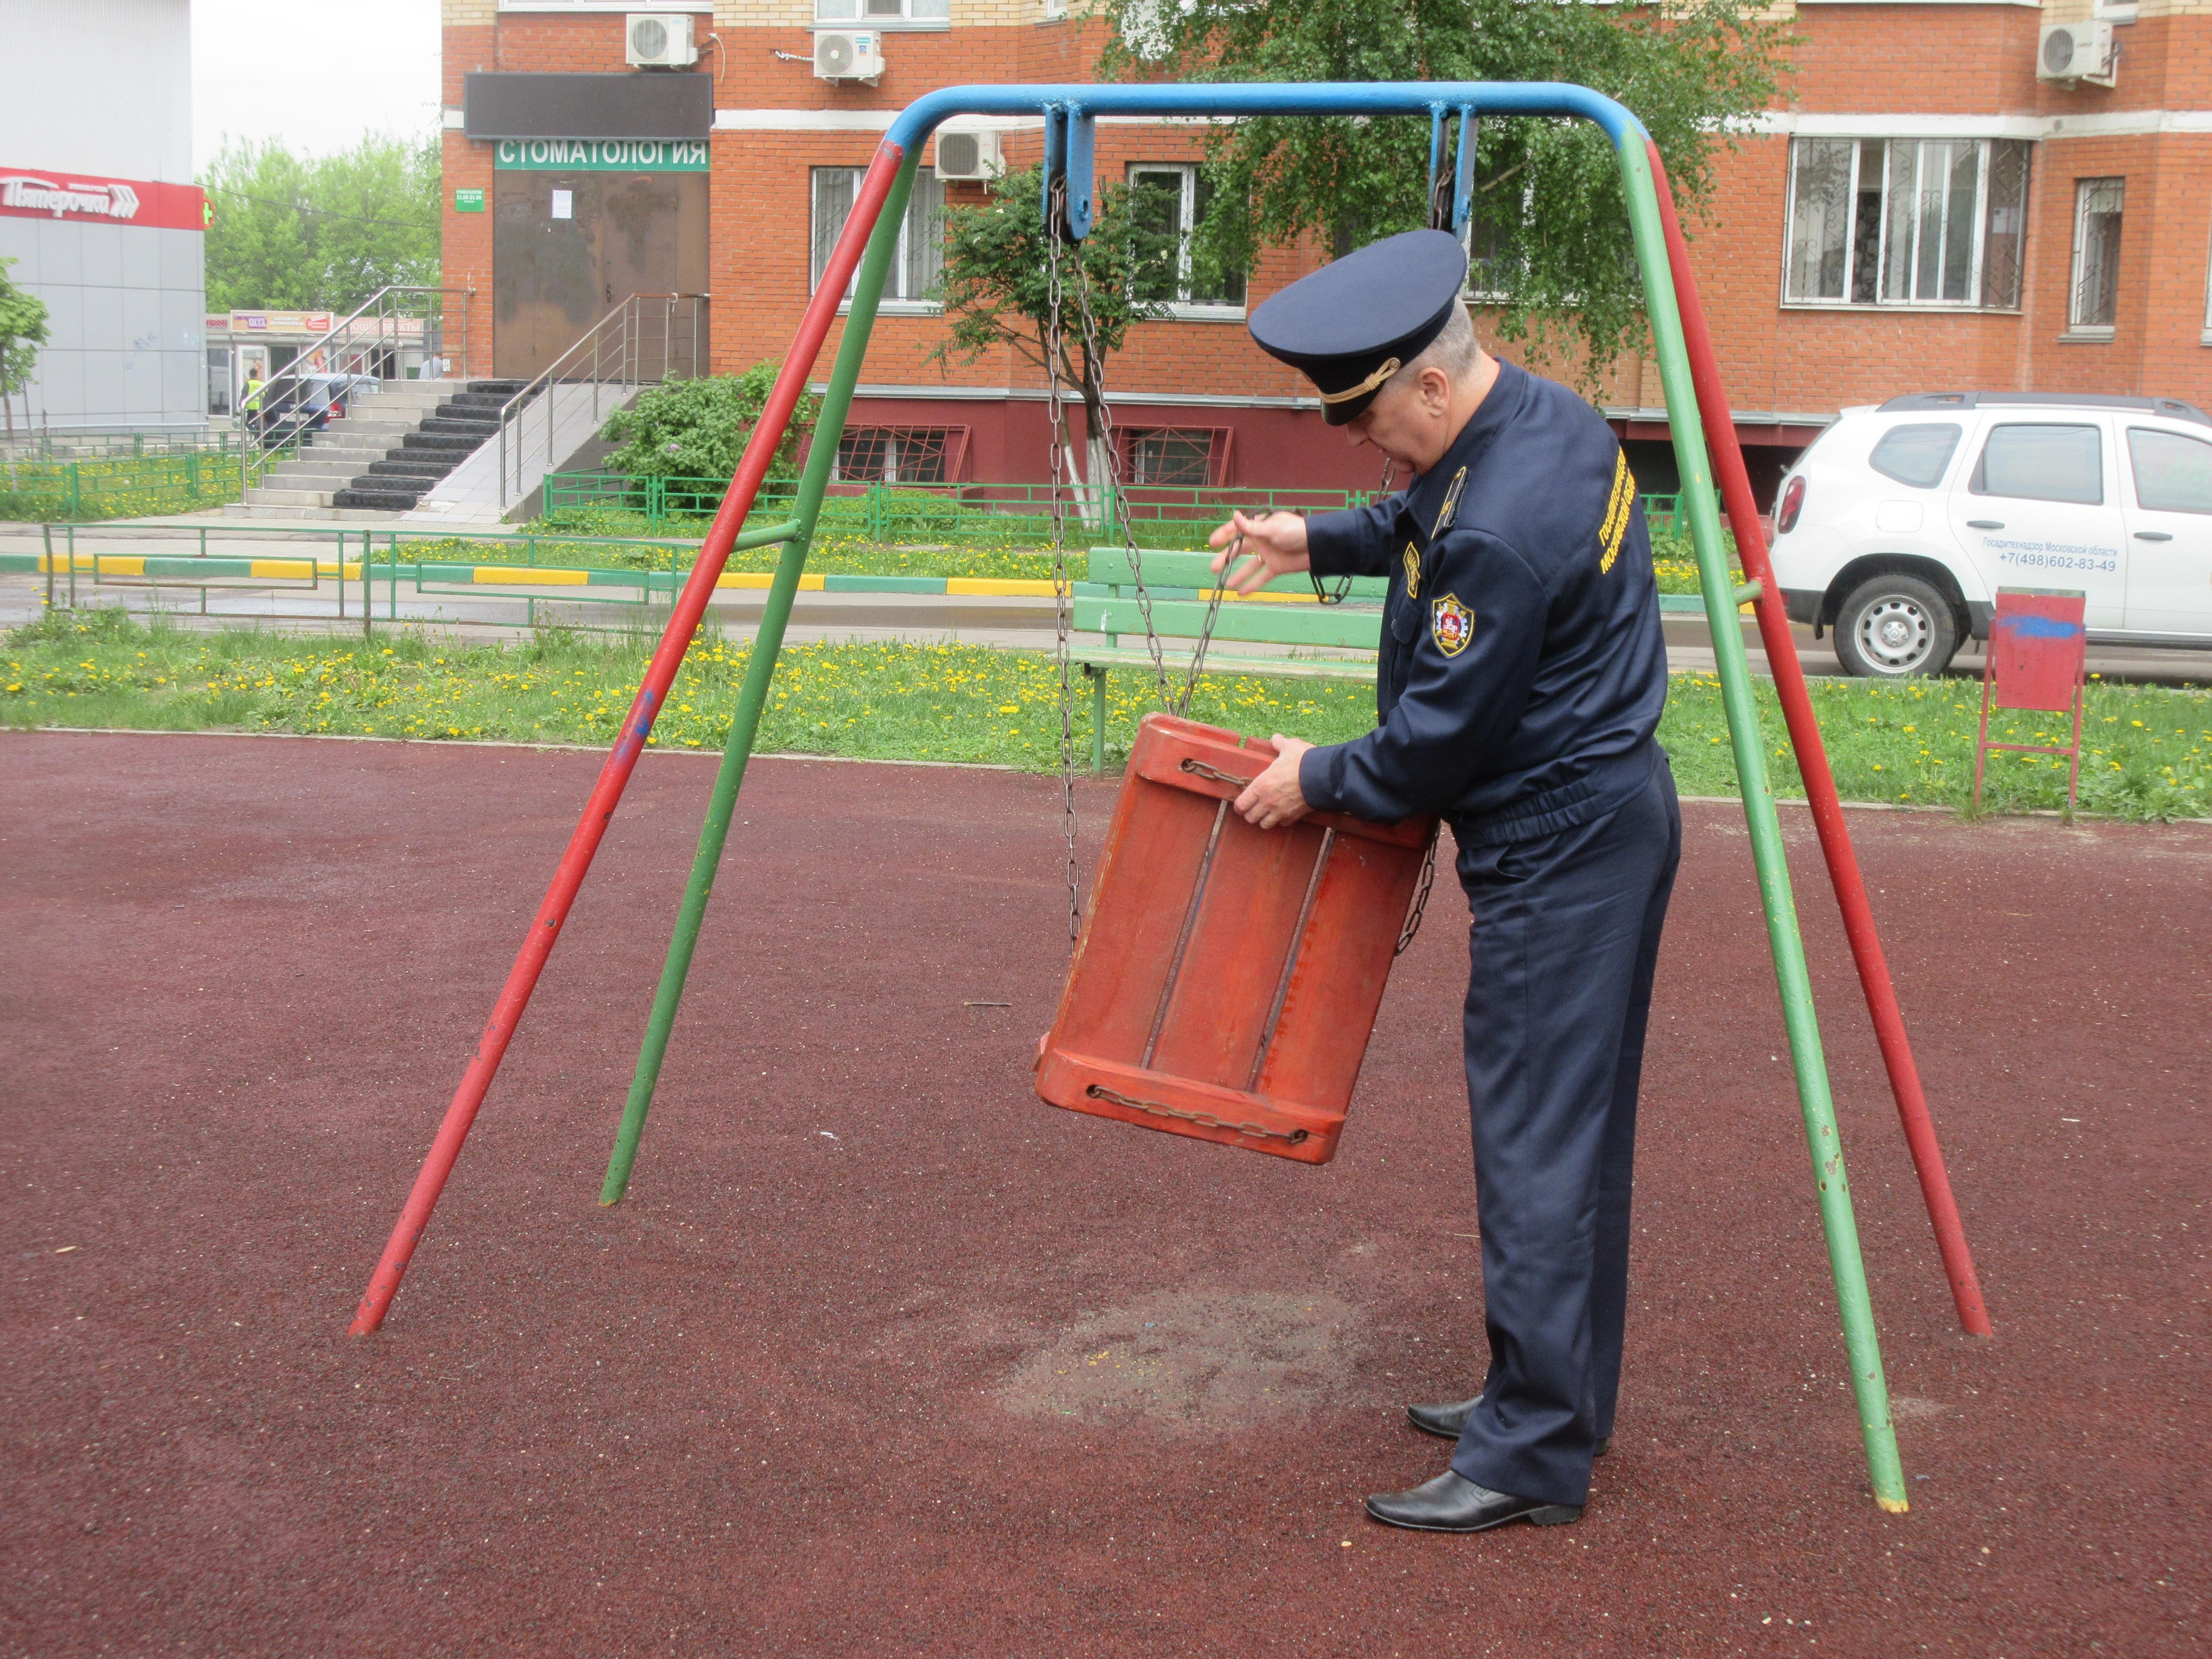 Баженов: Более 10 детских площадок в 8 муниципалитетах Подмосковья отремонтированы по предписаниям Госадмтехнадзора за неделю